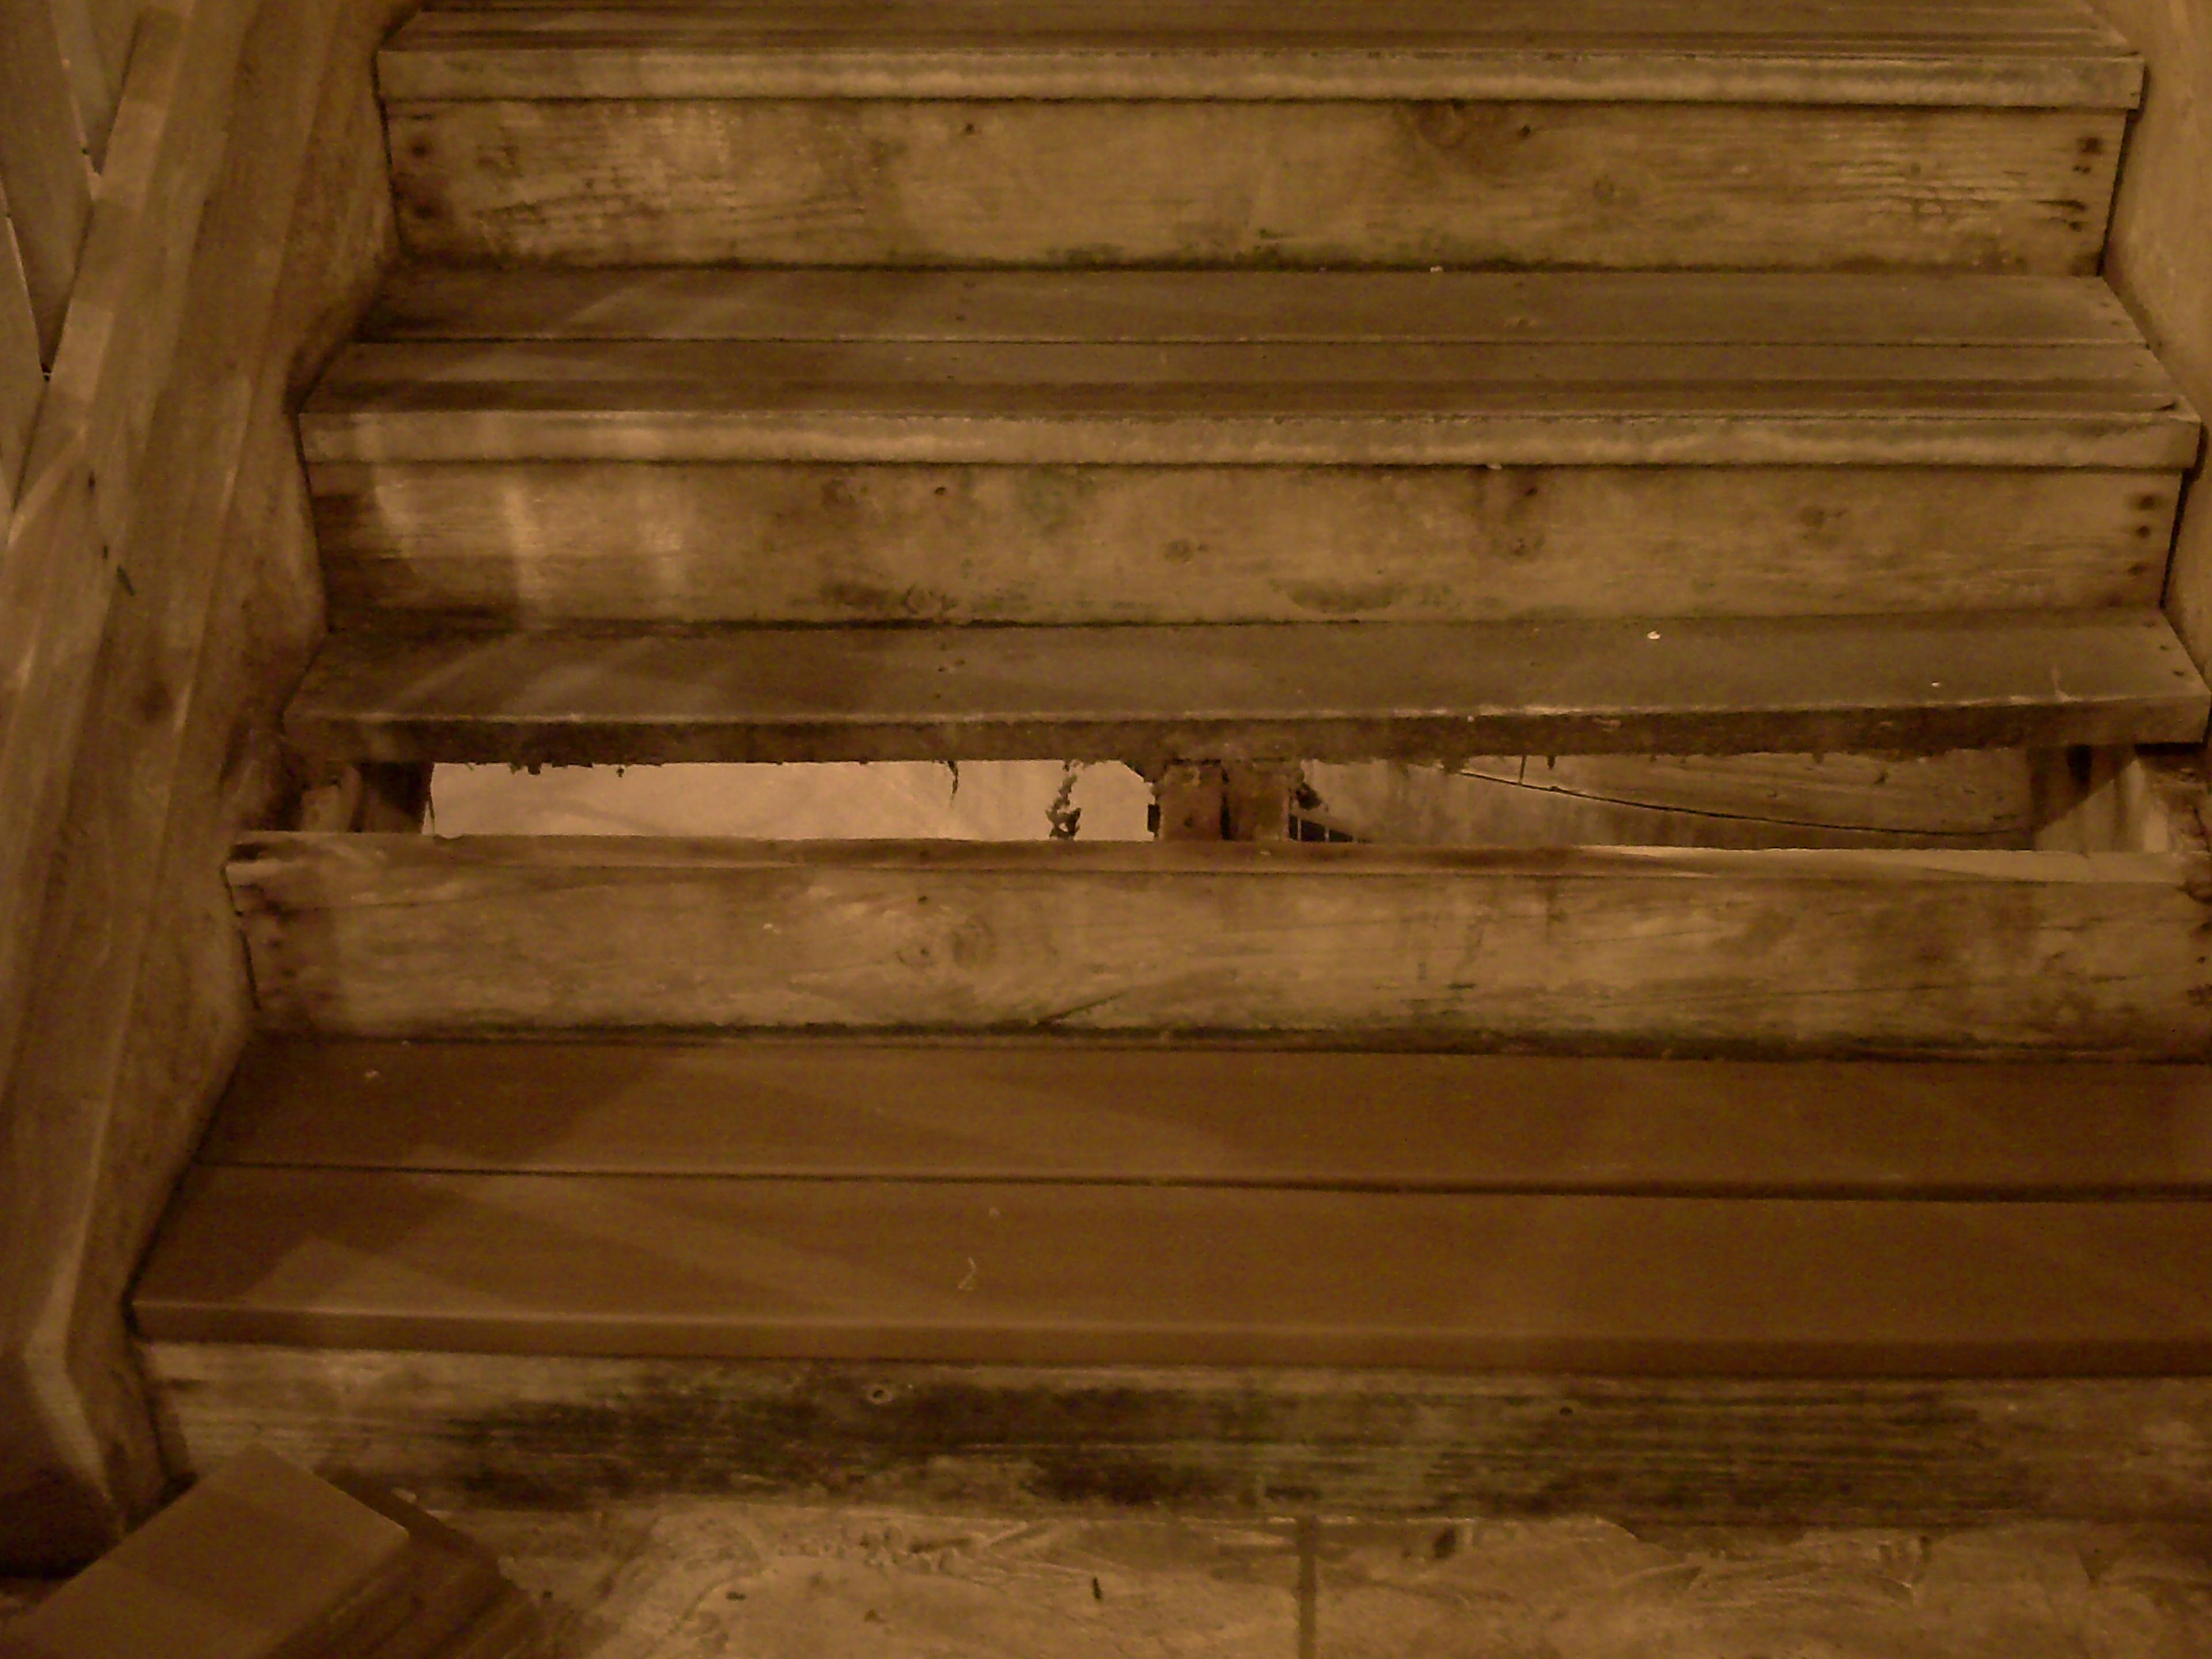 stepscloseup1.jpg